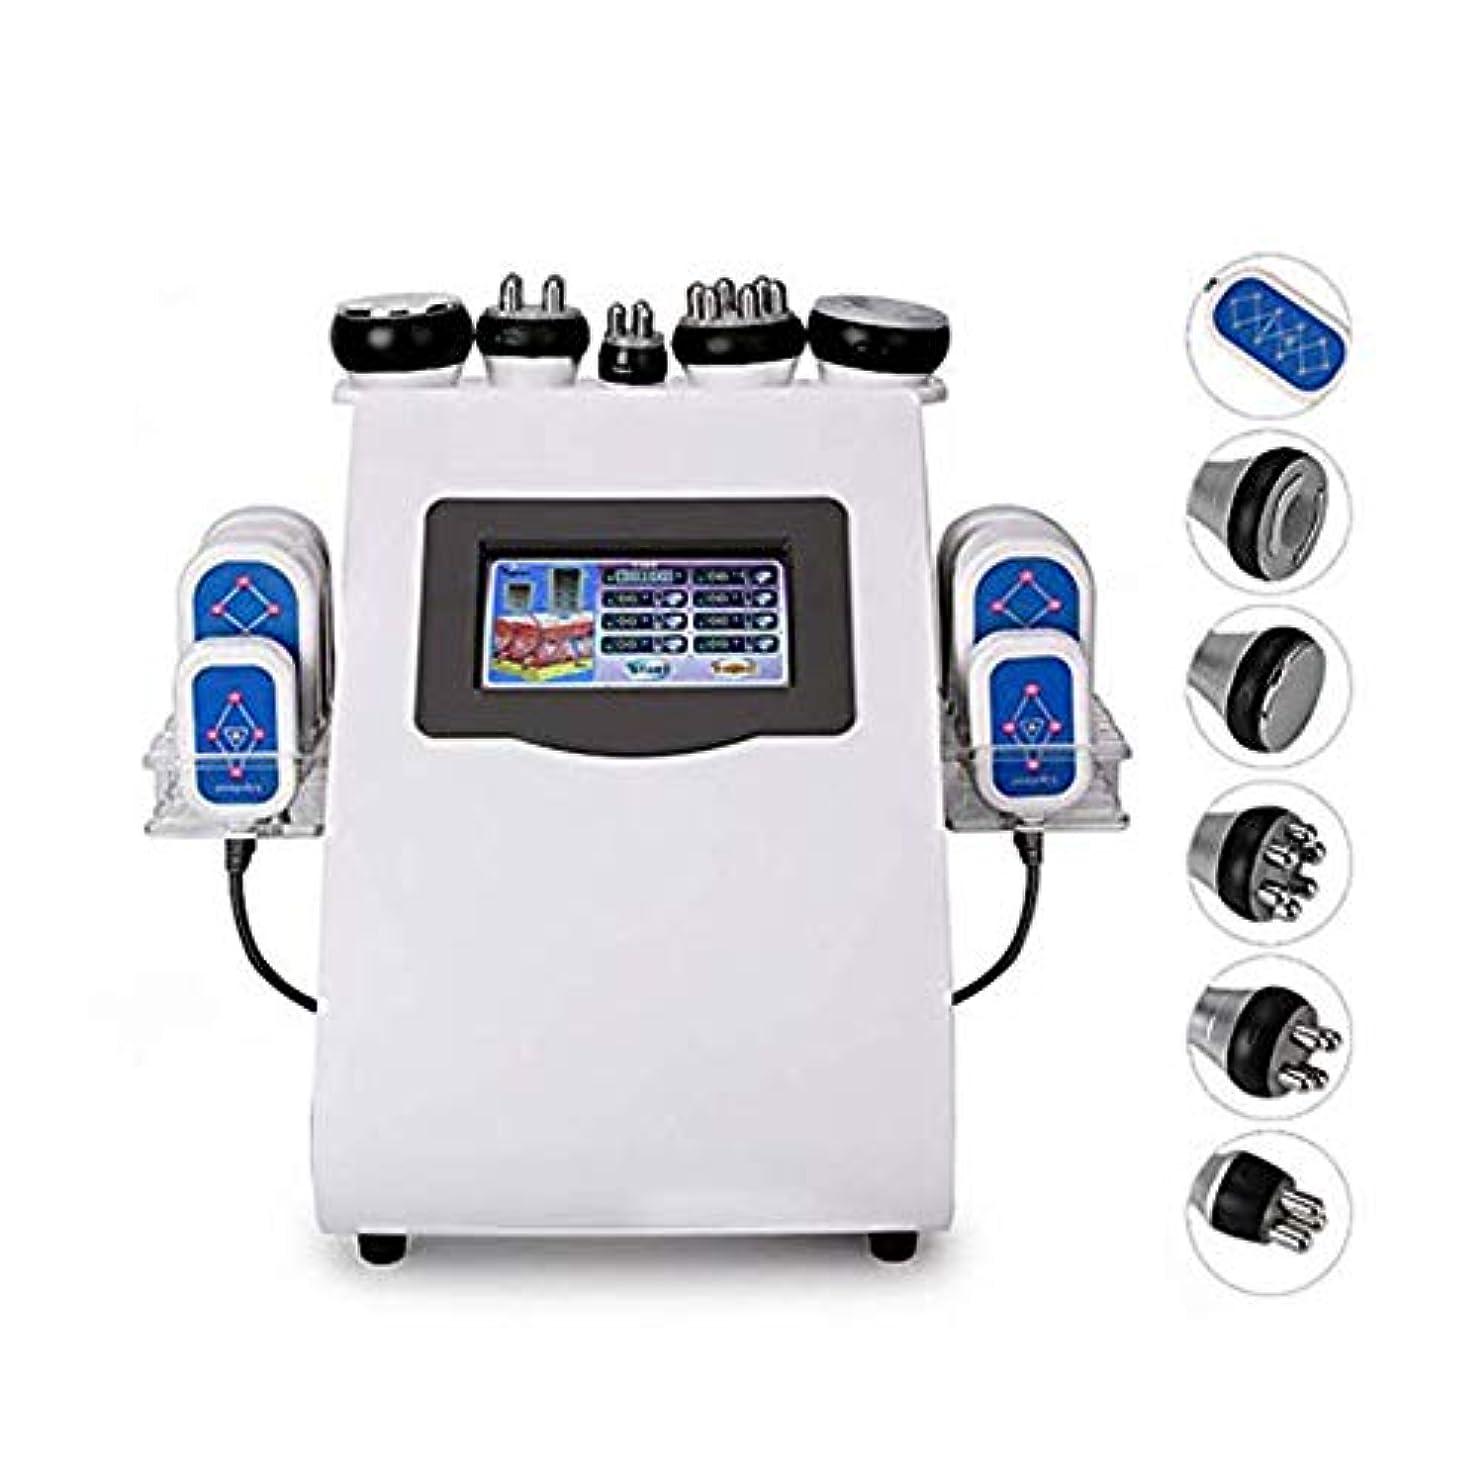 ハンディ大学院アルカトラズ島超音波キャビテーション抗セルライトネガティブボディ痩身マシン、脂肪燃焼と無線周波数アンチエイジングスキンリフティング引き締めしわ美容機器の除去